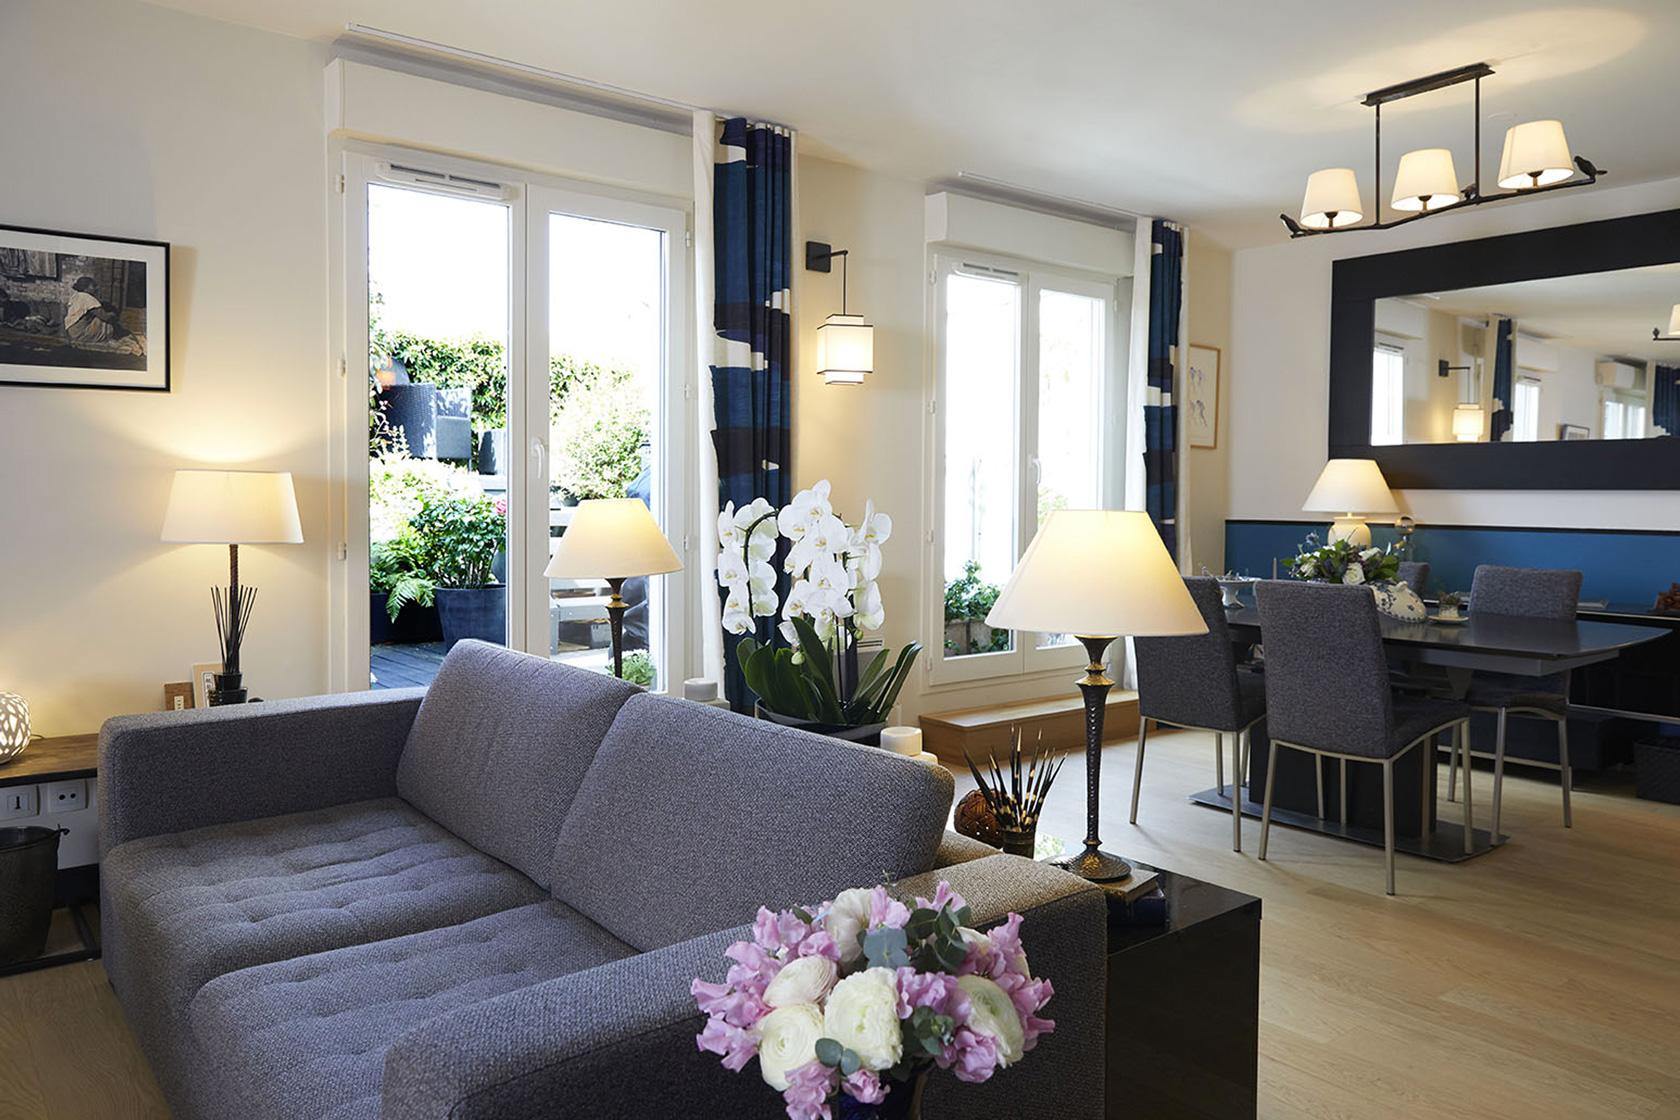 Décoration Appartement 40m2 à Nogent sur Marne - Le grand salon et son canapé 2 places confortable, par Catherine Lefret, Architecte d'intérieur et Décoratrice dans les Yvelines et Hauts de Seine, 78 92